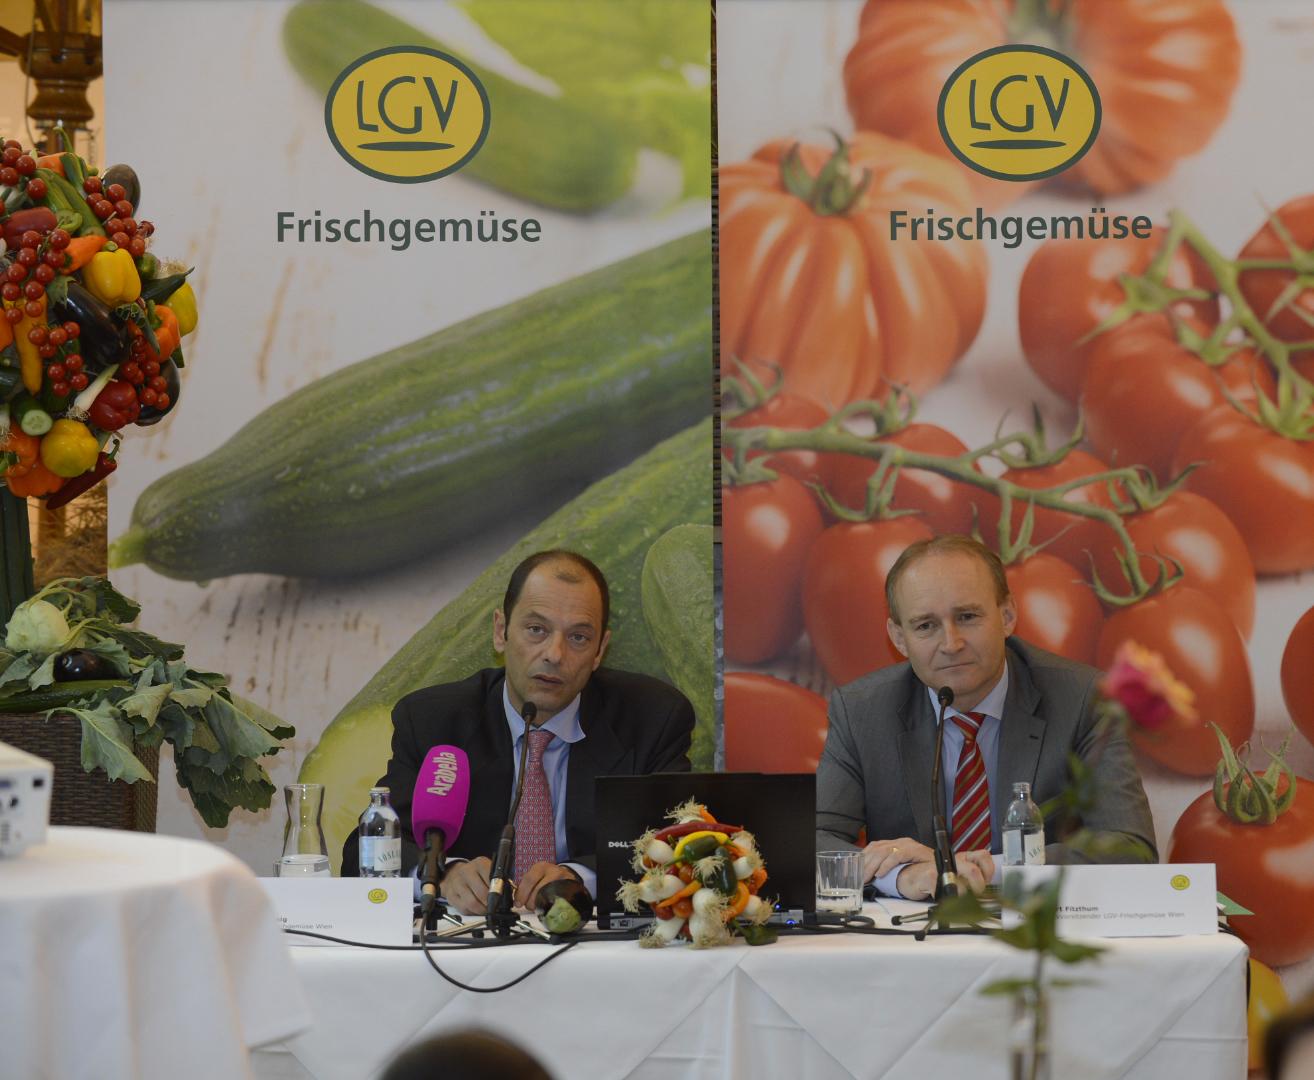 Im Bild (v.l.n.r.): LGV-Vorstand Mag. Gerald König, KDir. Ing. Robert Fitzthum